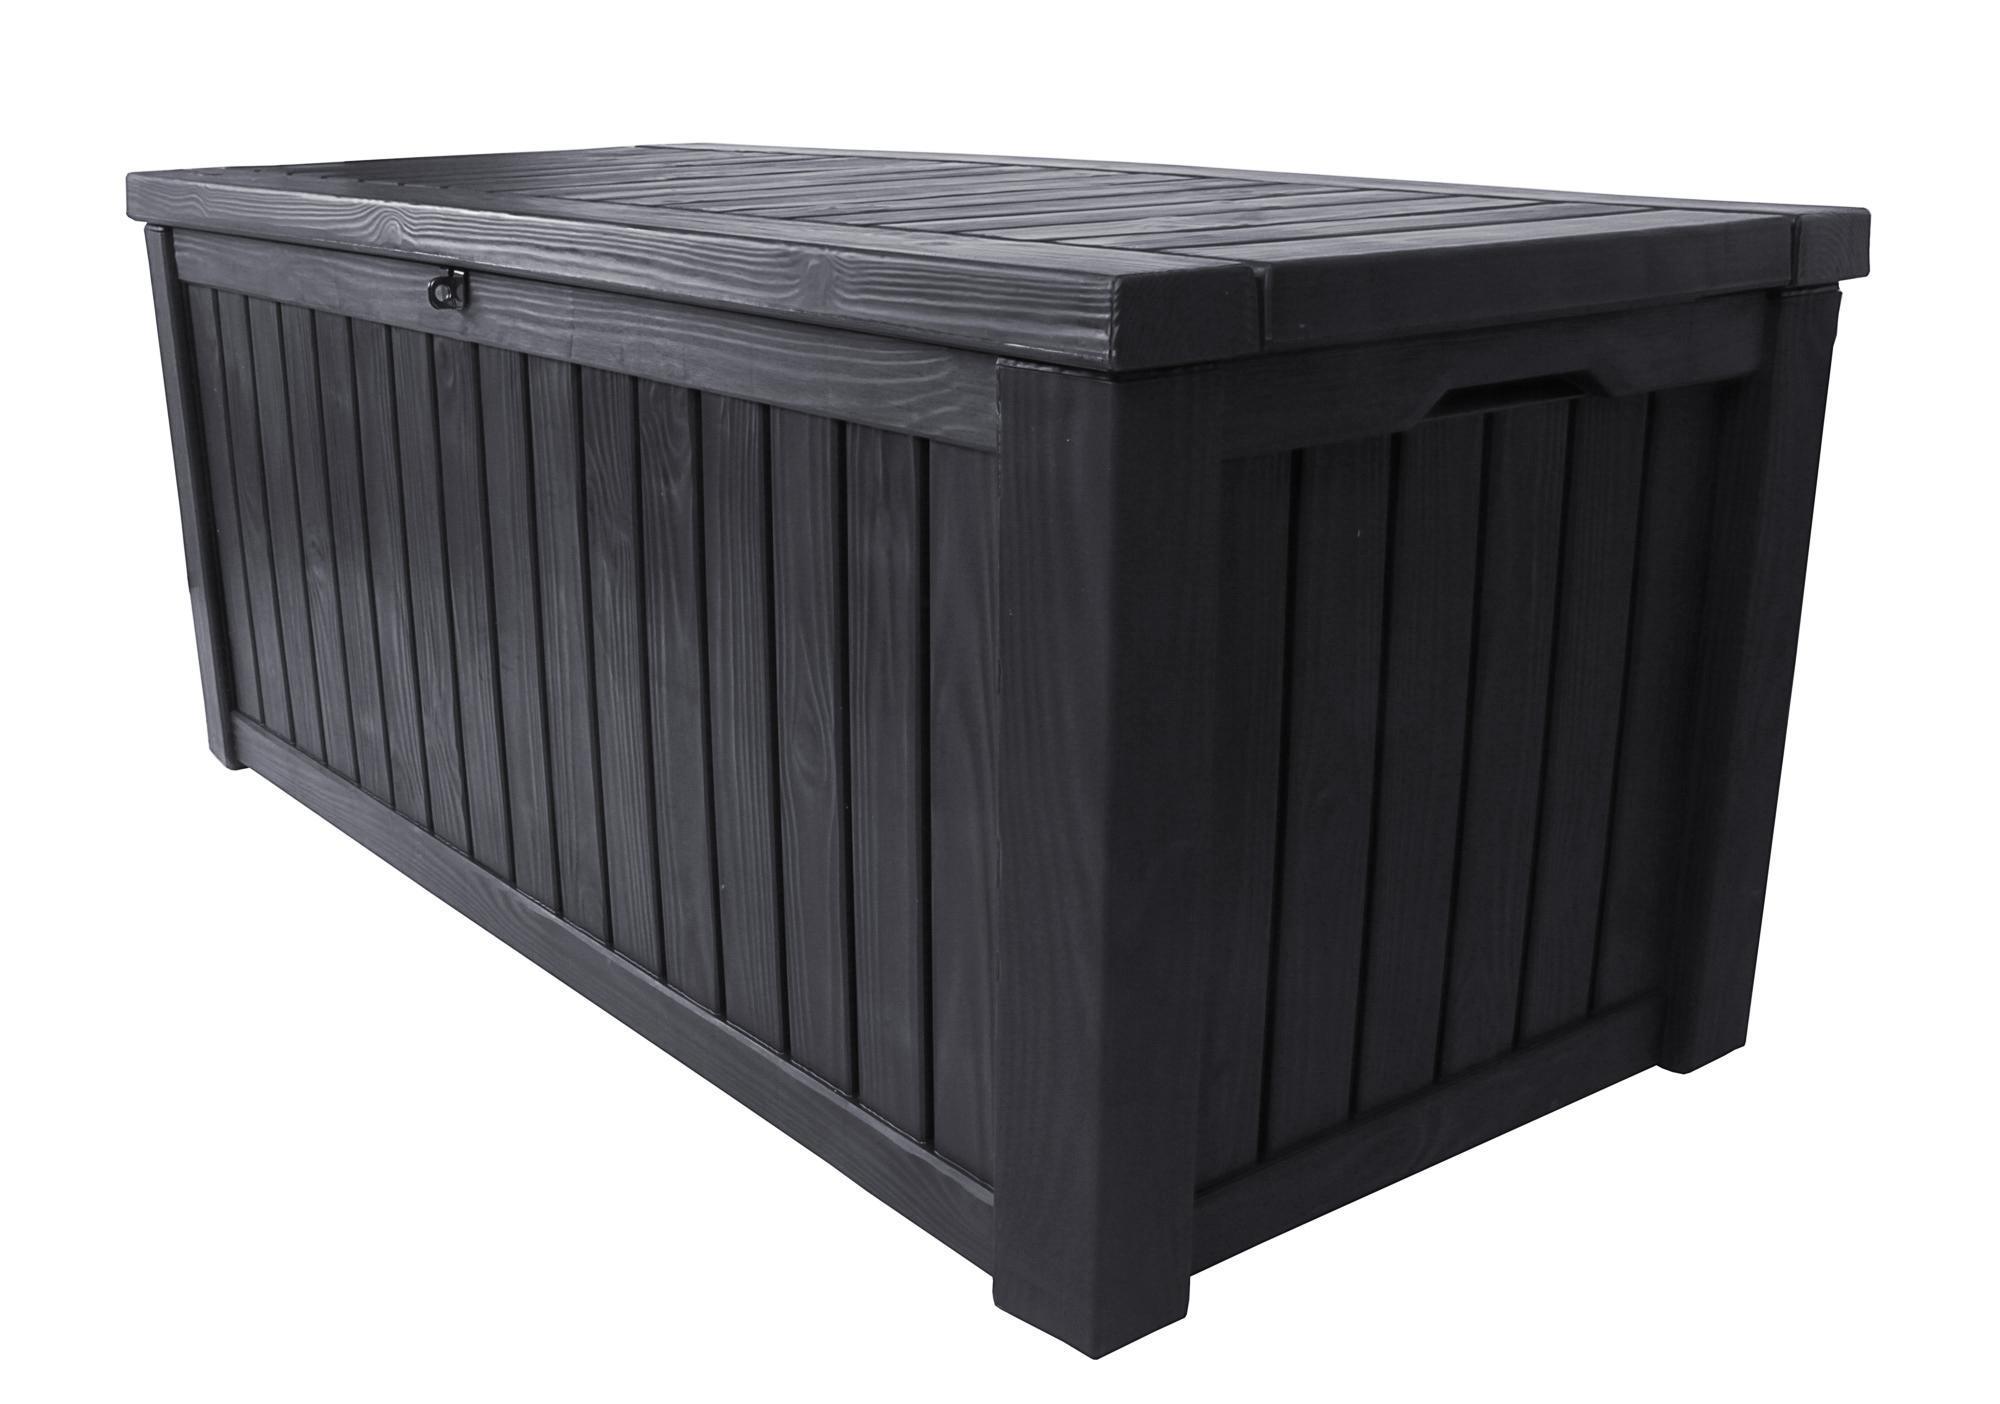 ondis24 kissenbox sitztruhe rockwood anthrazit g nstig. Black Bedroom Furniture Sets. Home Design Ideas